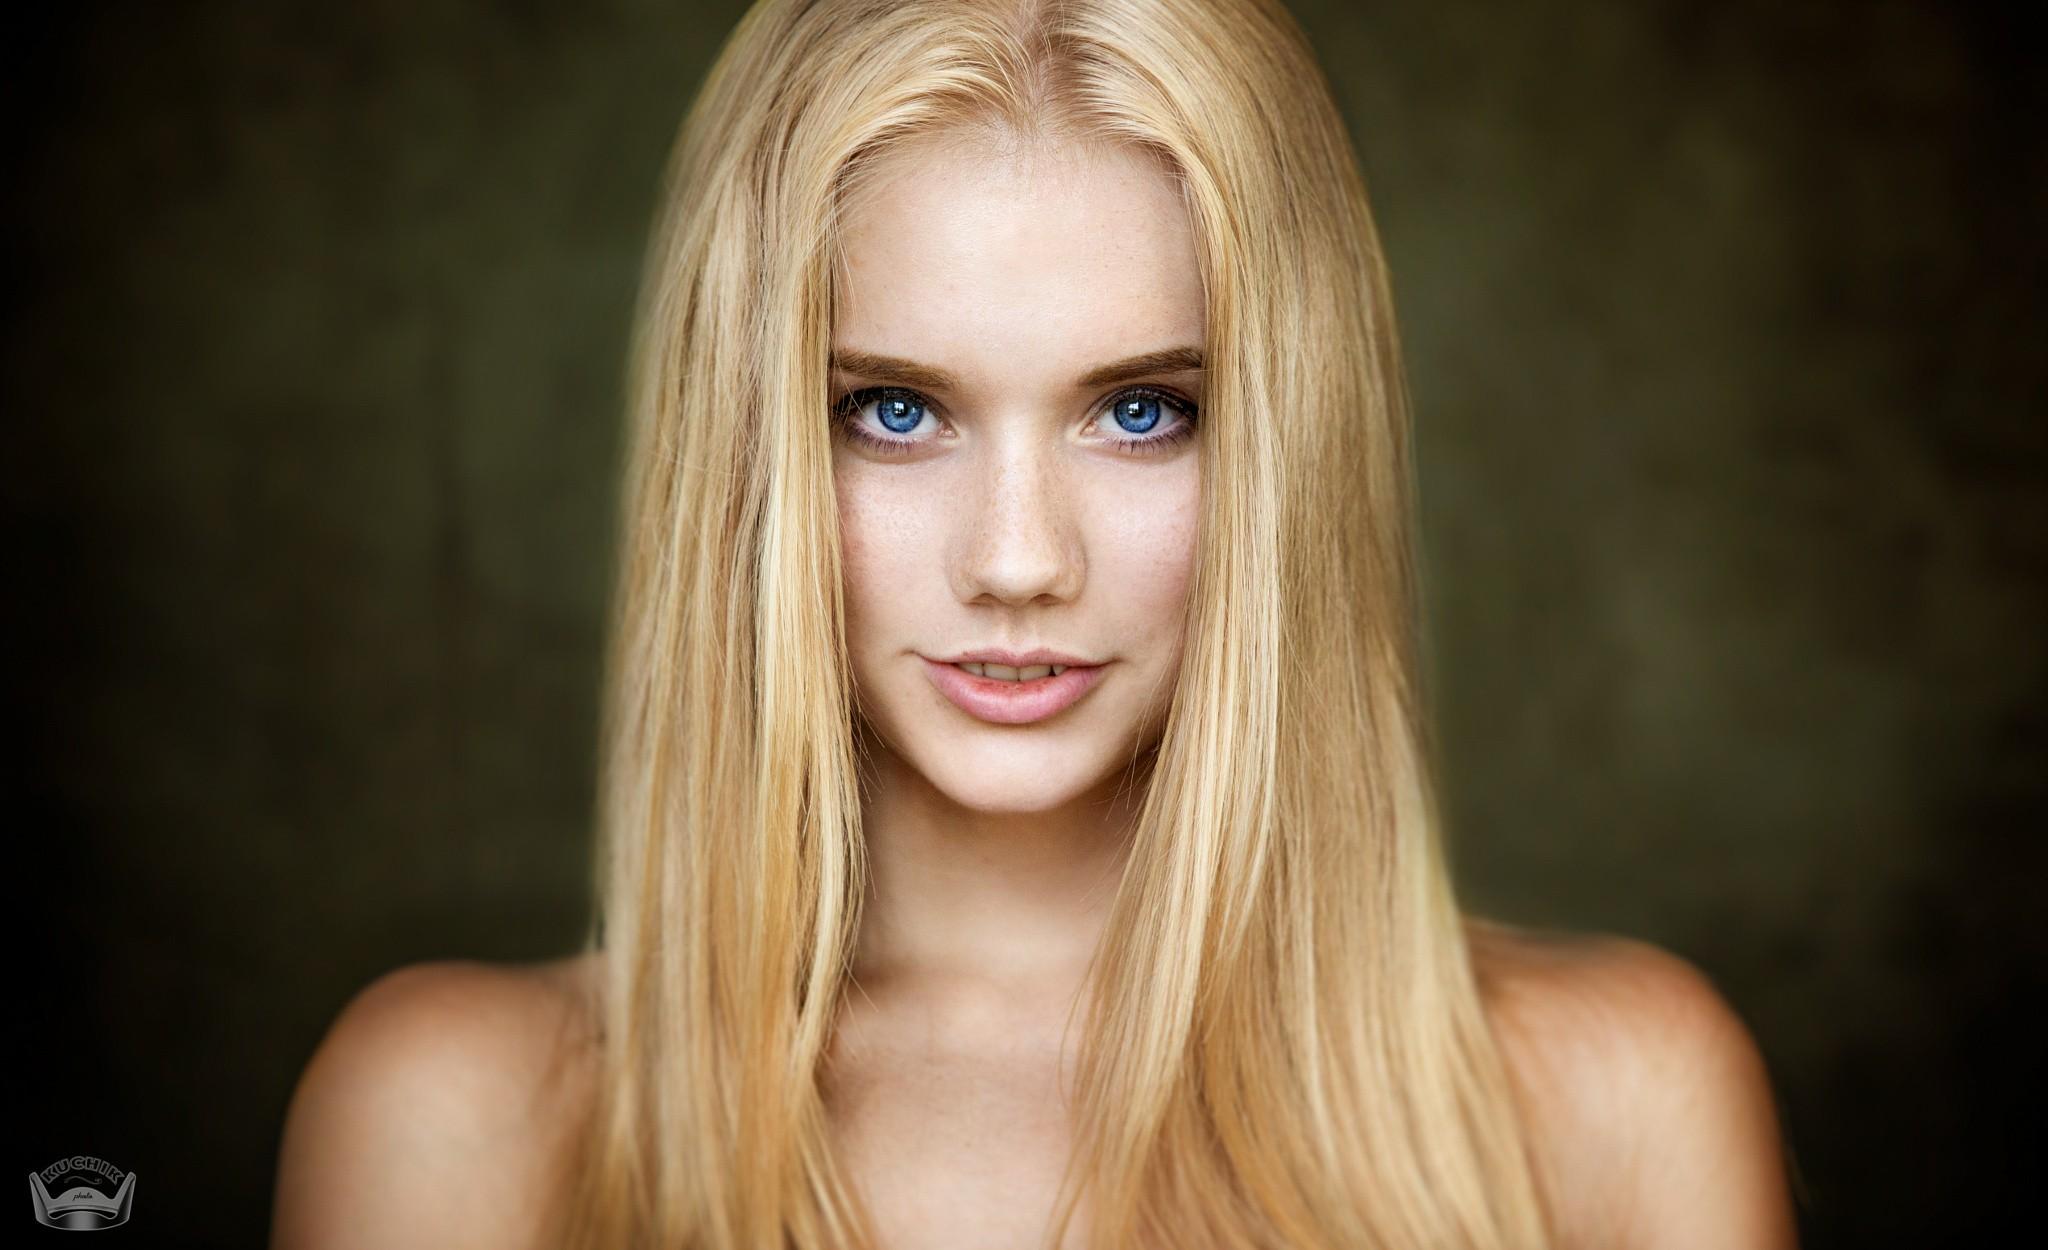 Wallpaper : face, women, blonde, depth of field, simple ...